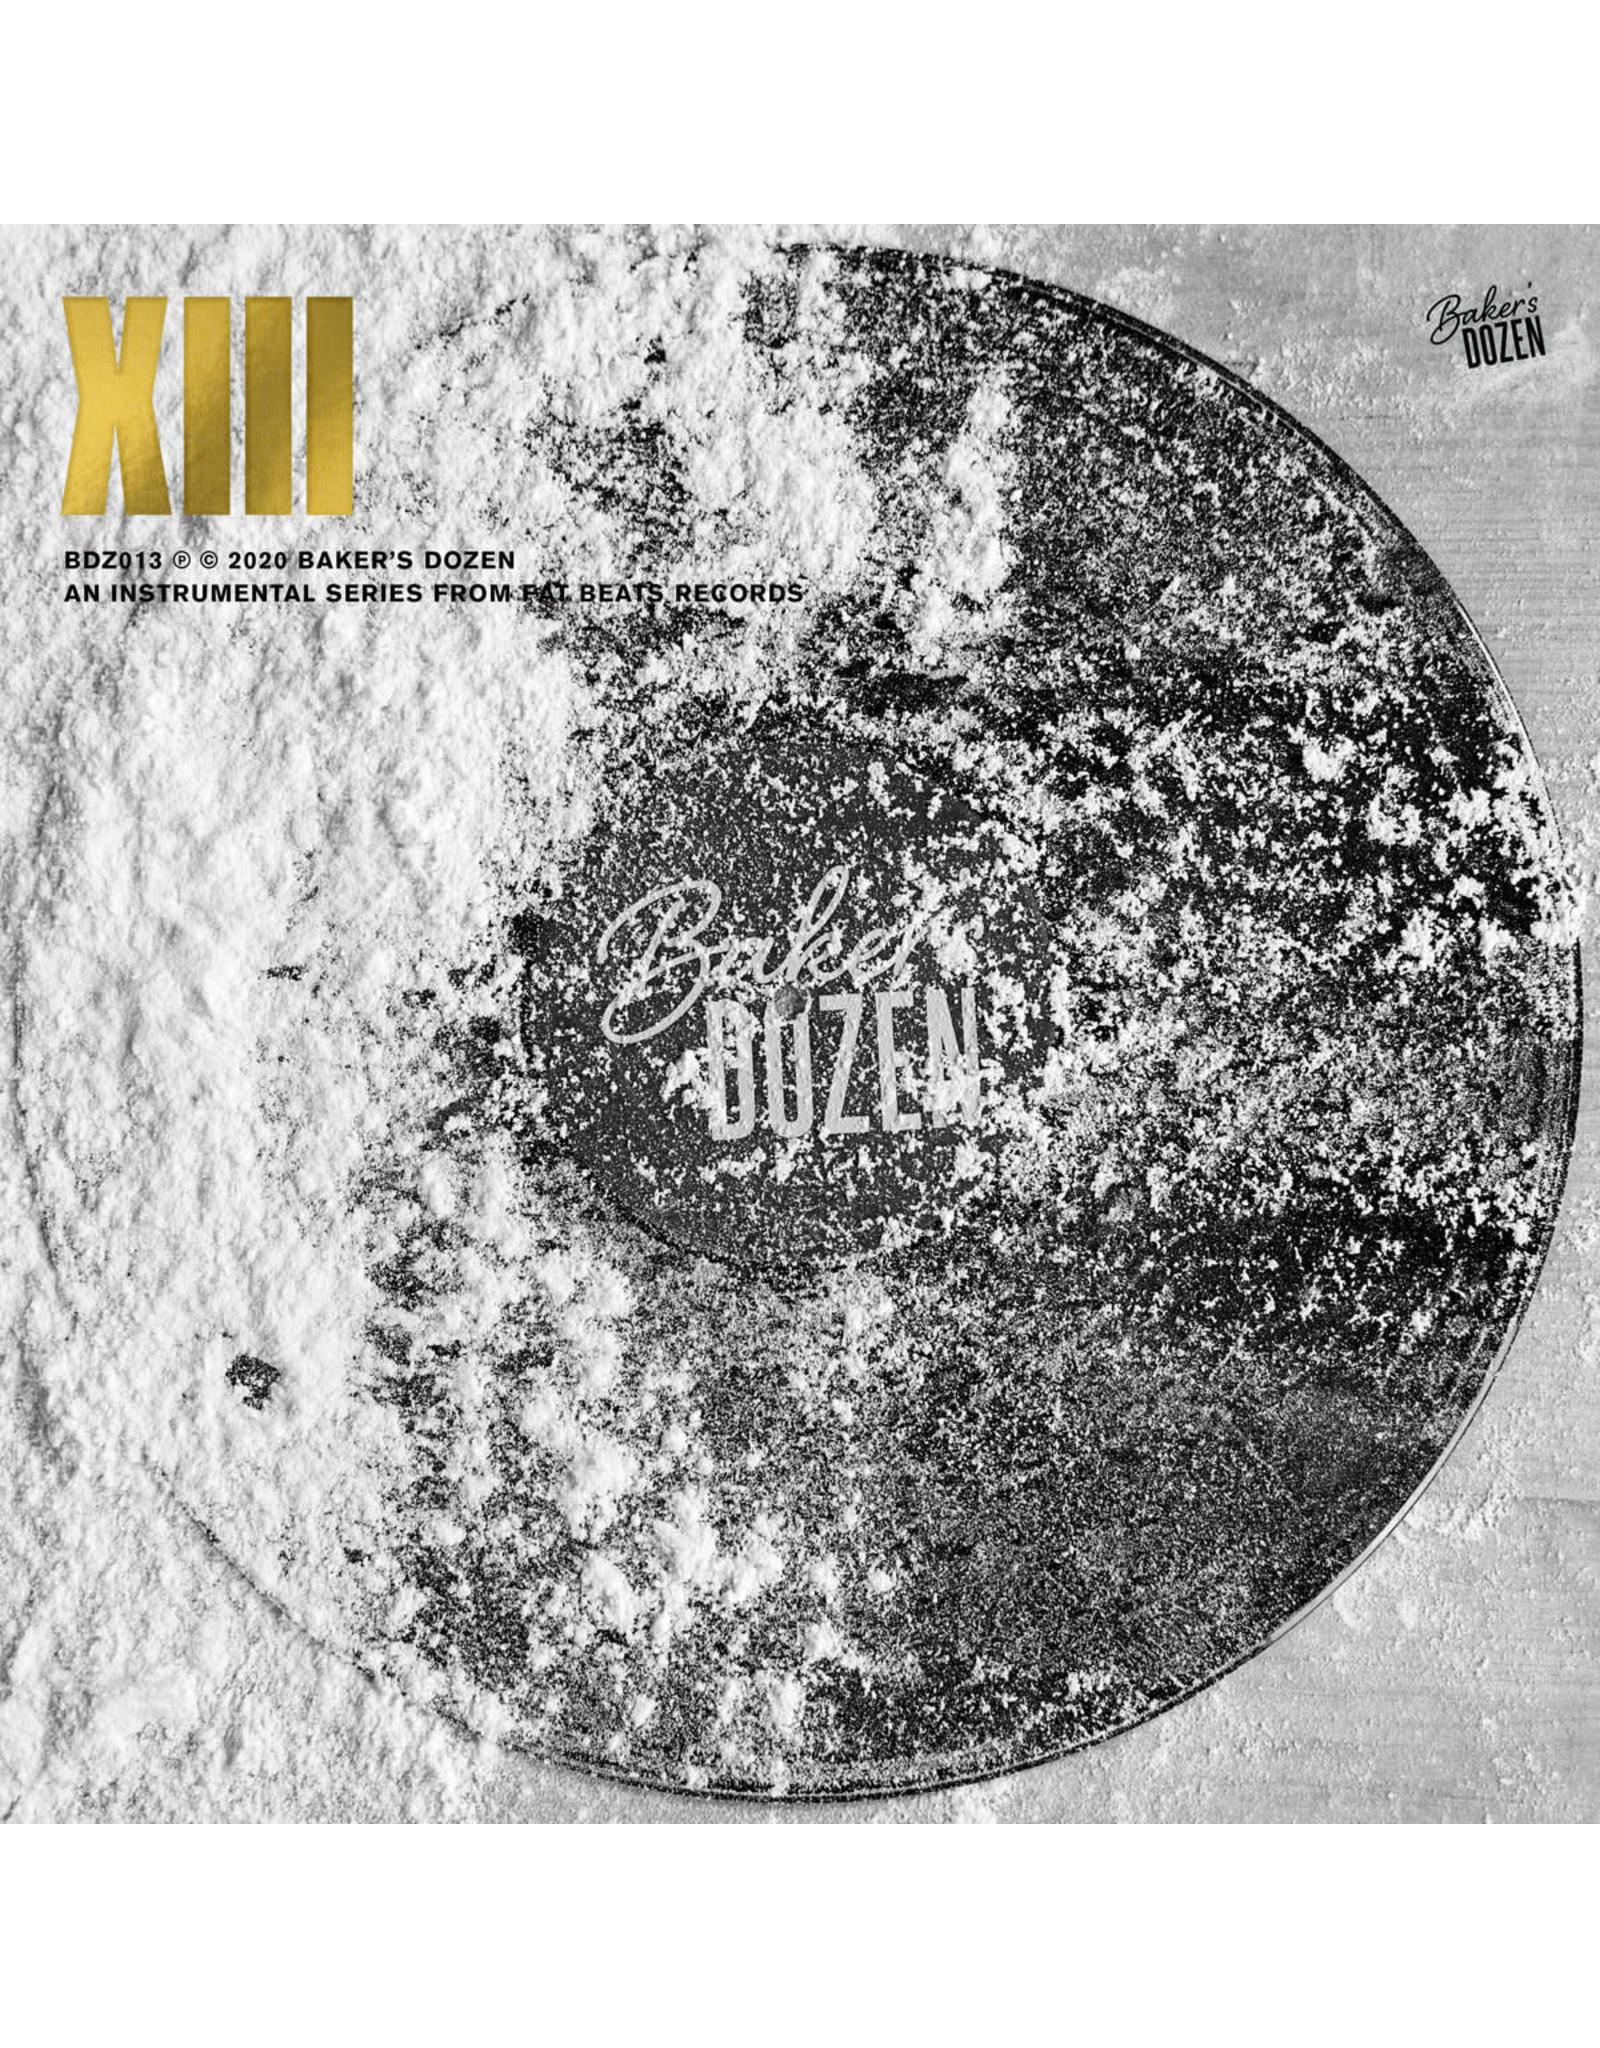 New Vinyl Various - Baker's Dozen VIII LP